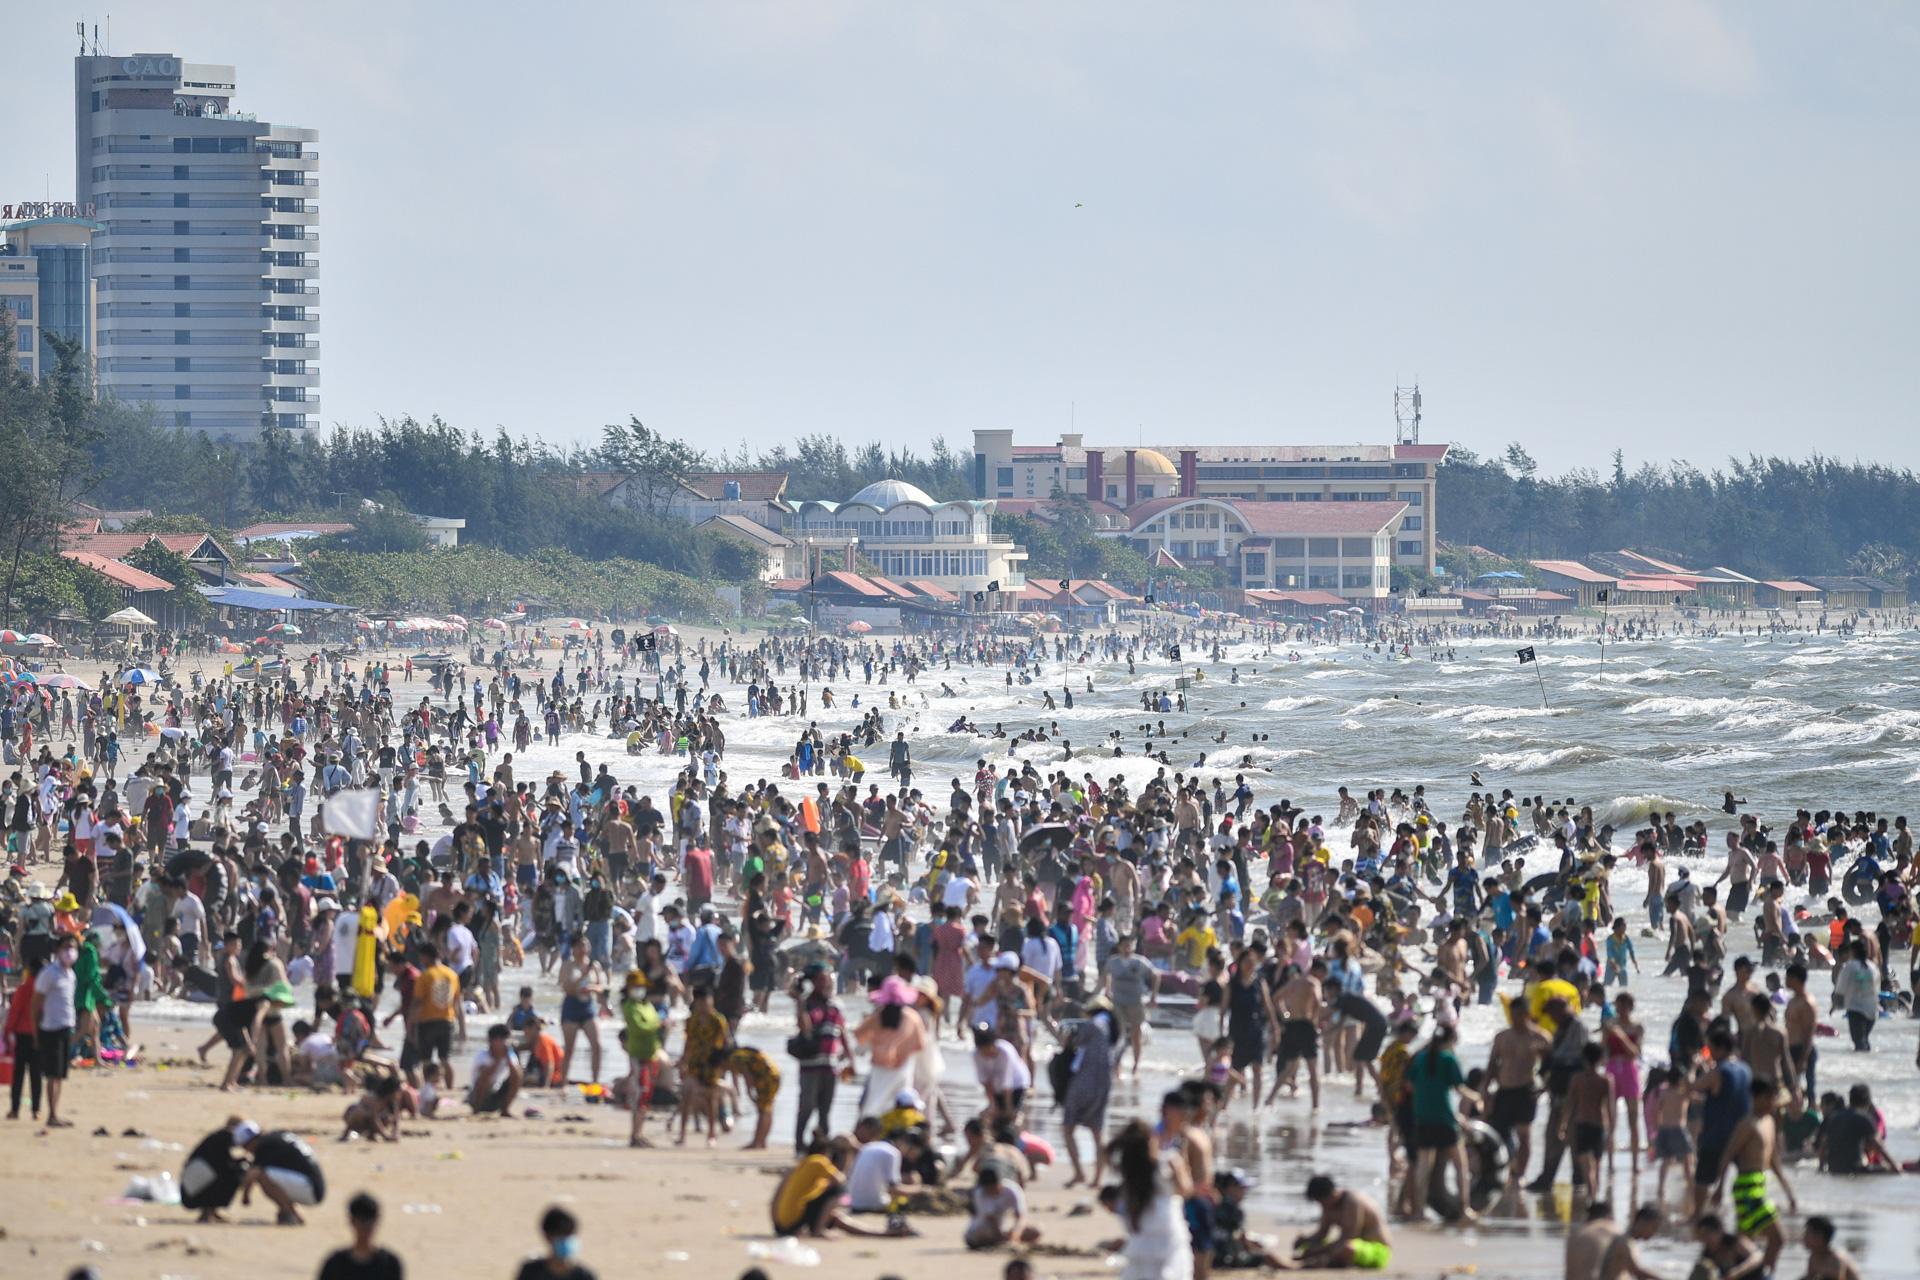 Hàng triệu người du lịch khắp cả nước 4 ngày nghỉ lễ - Ảnh 8.